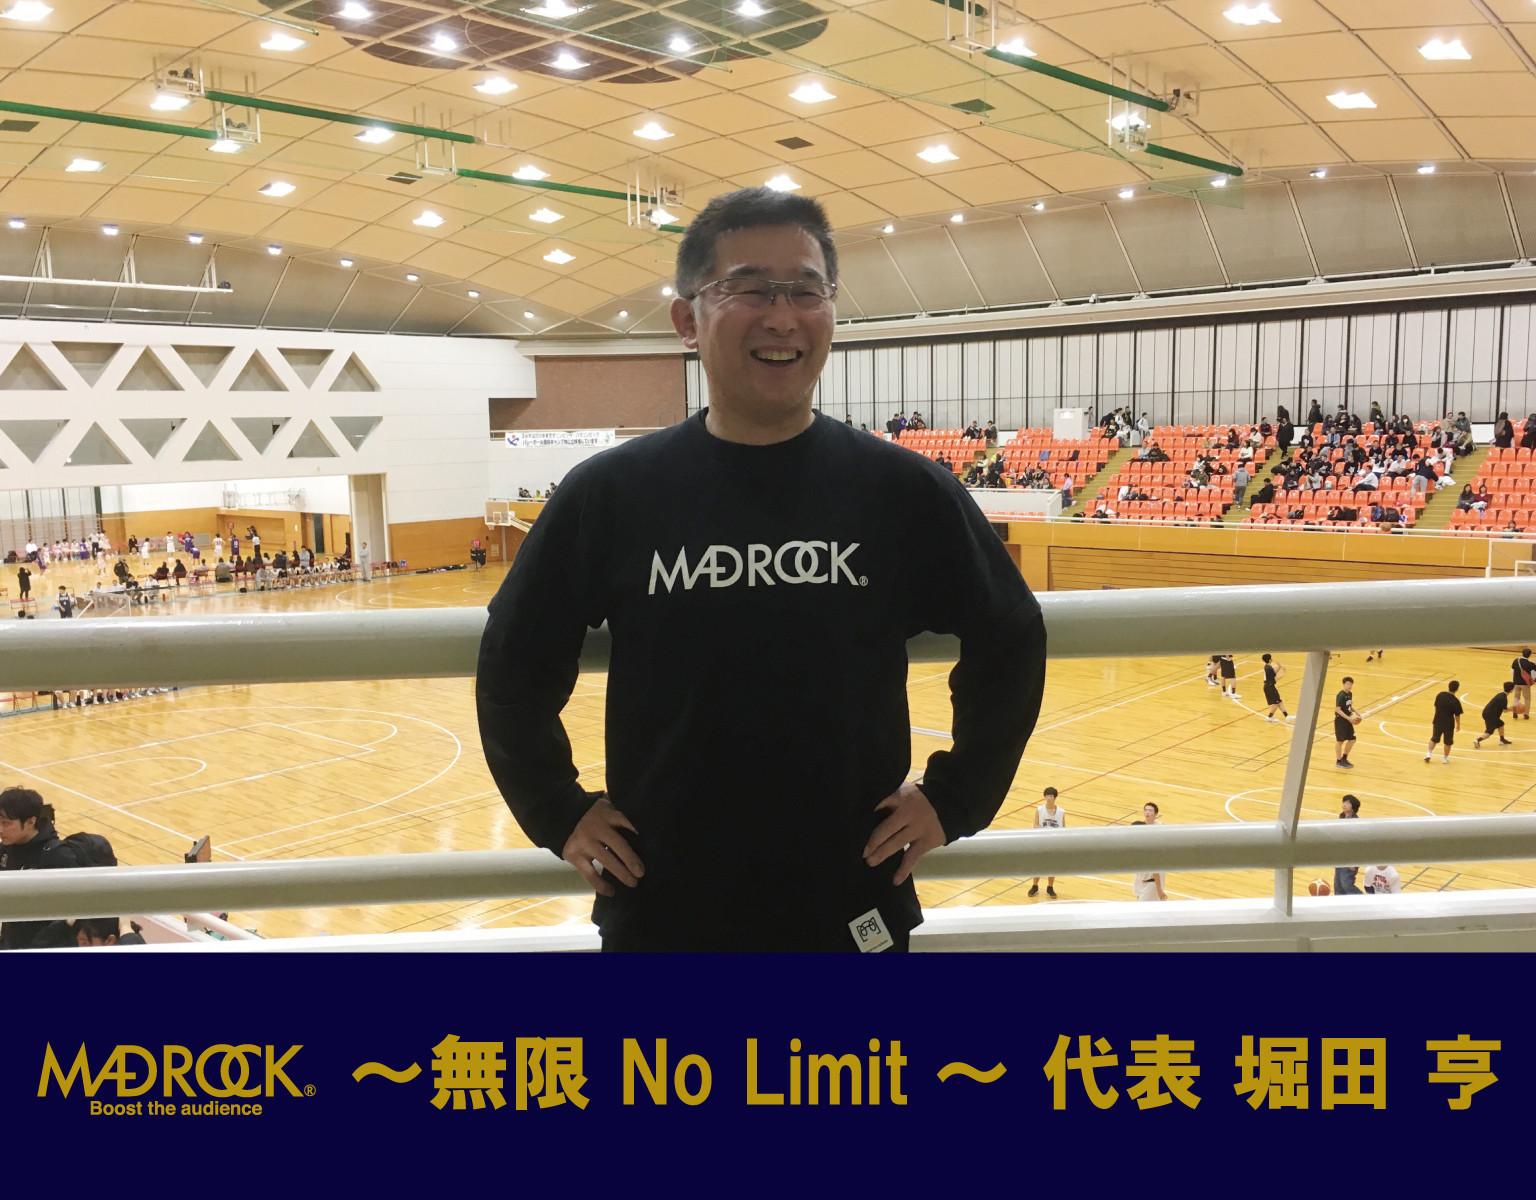 バスケブランド「MADROCK/マッドロック」の無限~No Limit~堀田さんのMRMSGをご紹介